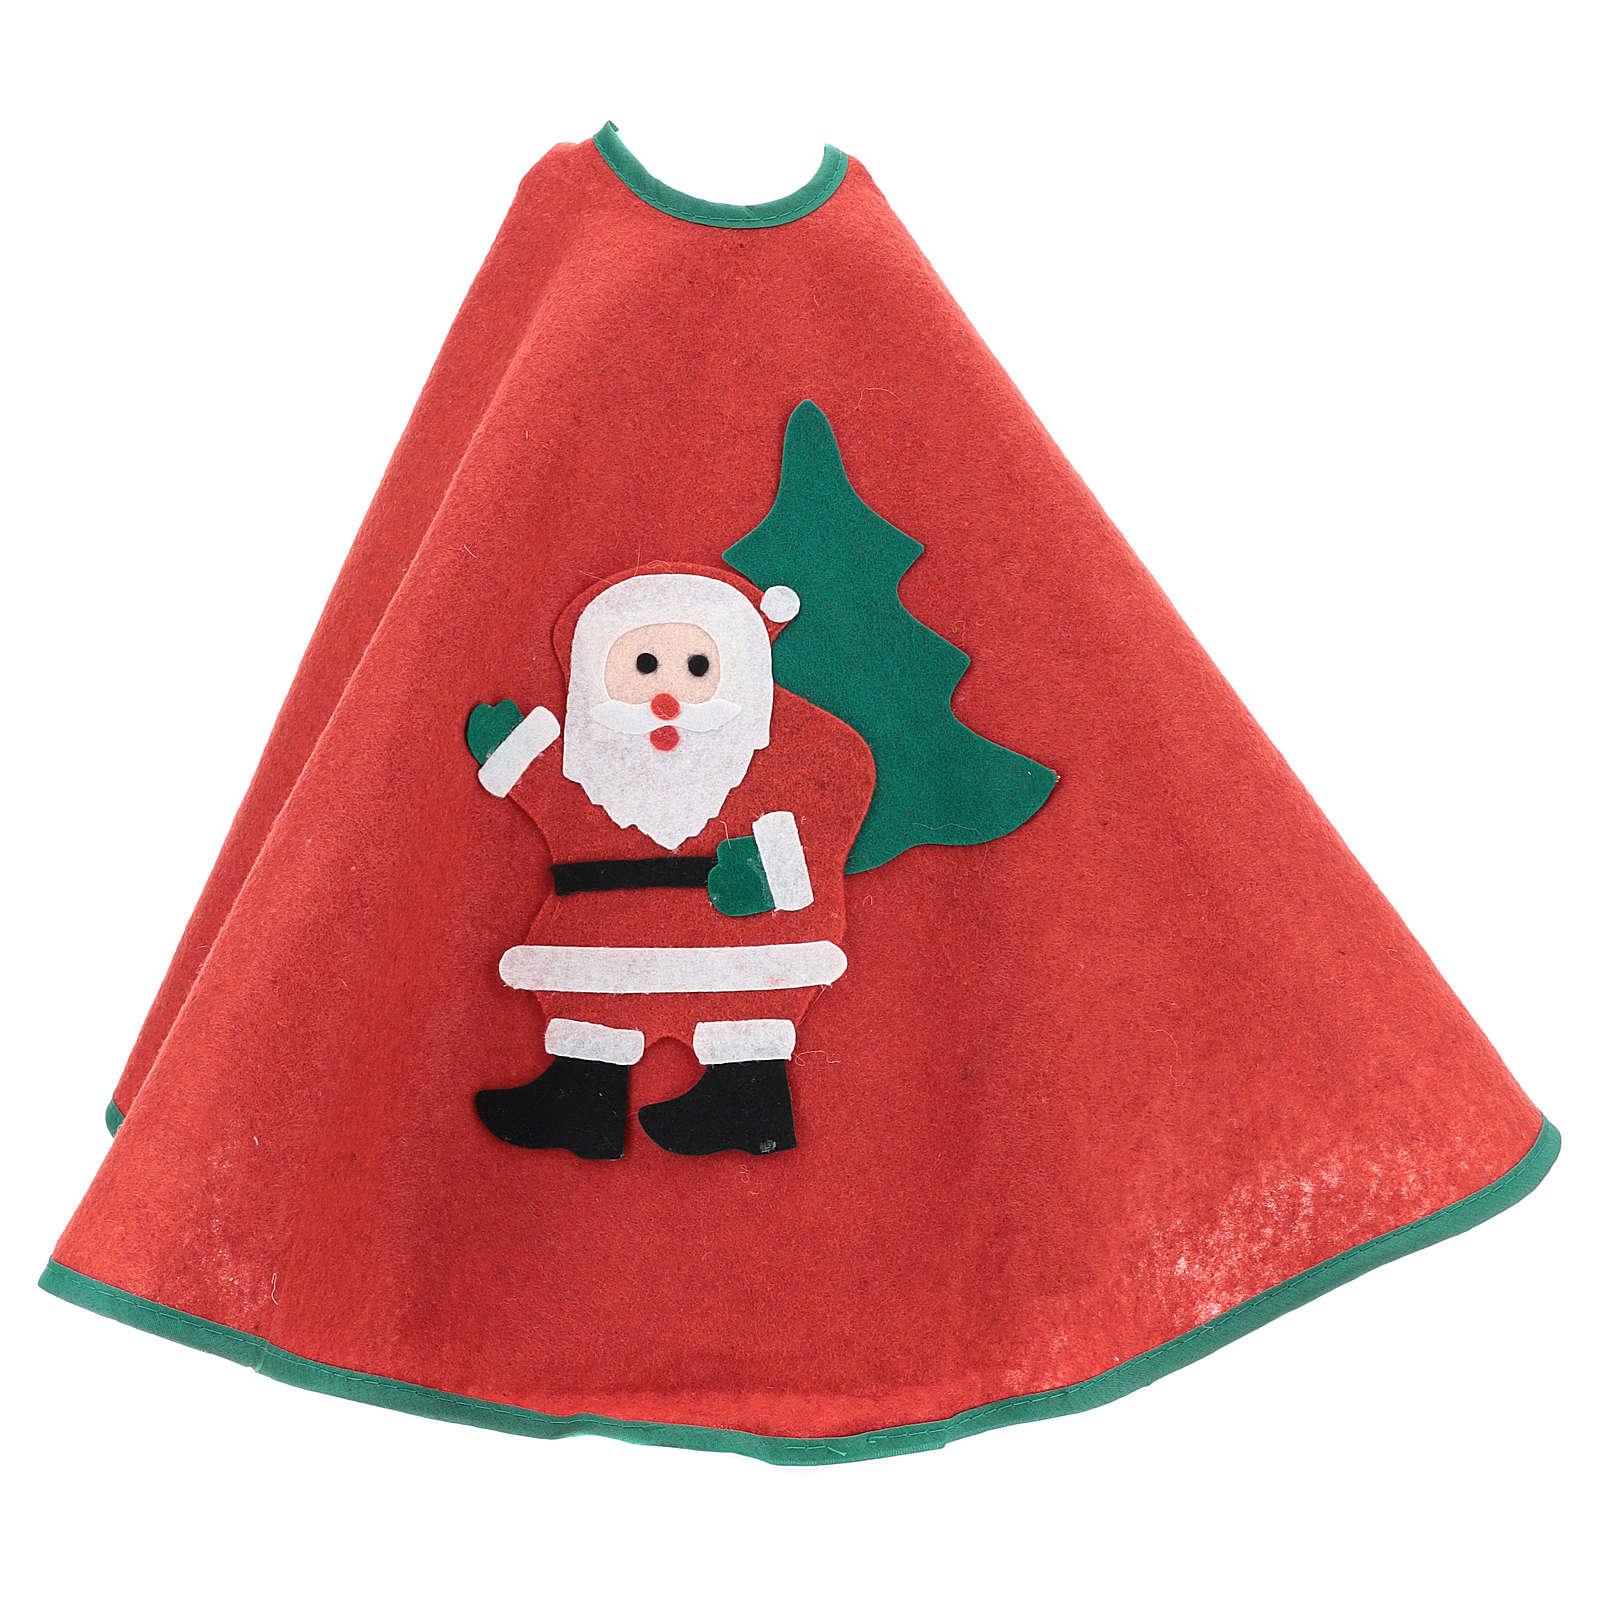 Weihnachtsbaum-Fussabdeckung roten Polyester mit Weihnachstmann 77cm 3